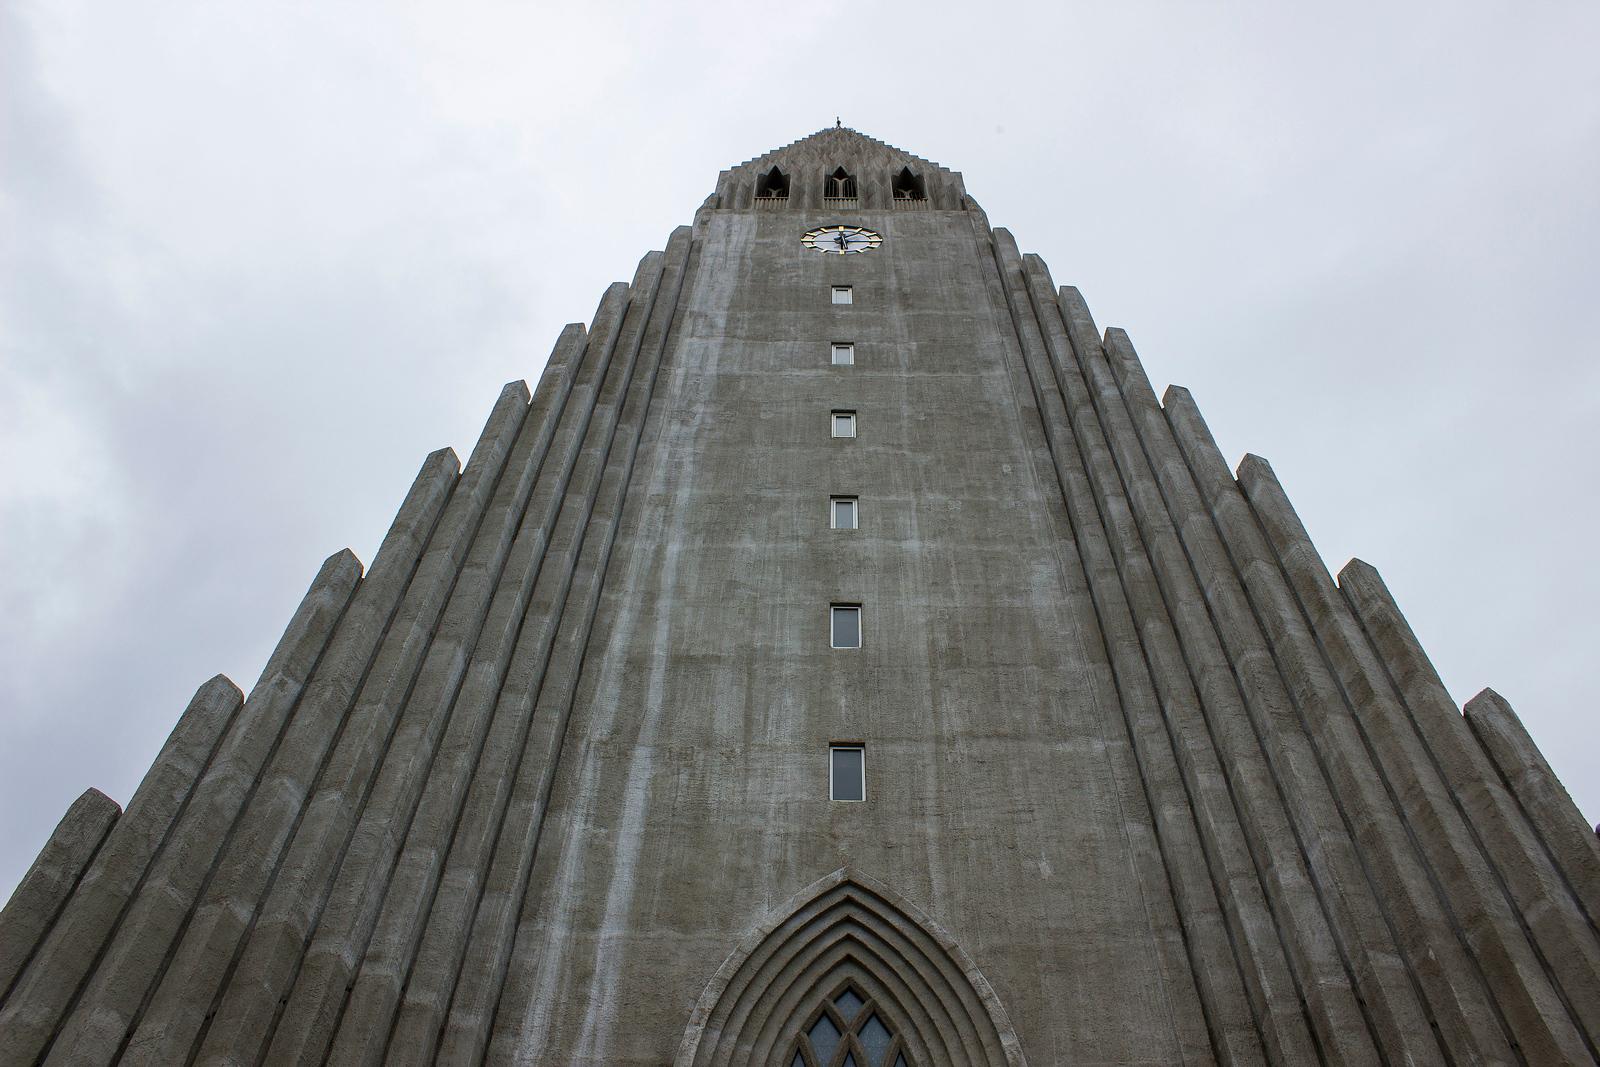 Hallgrimskirkja Reykjavik Church: 24 Hours in Reykjavik